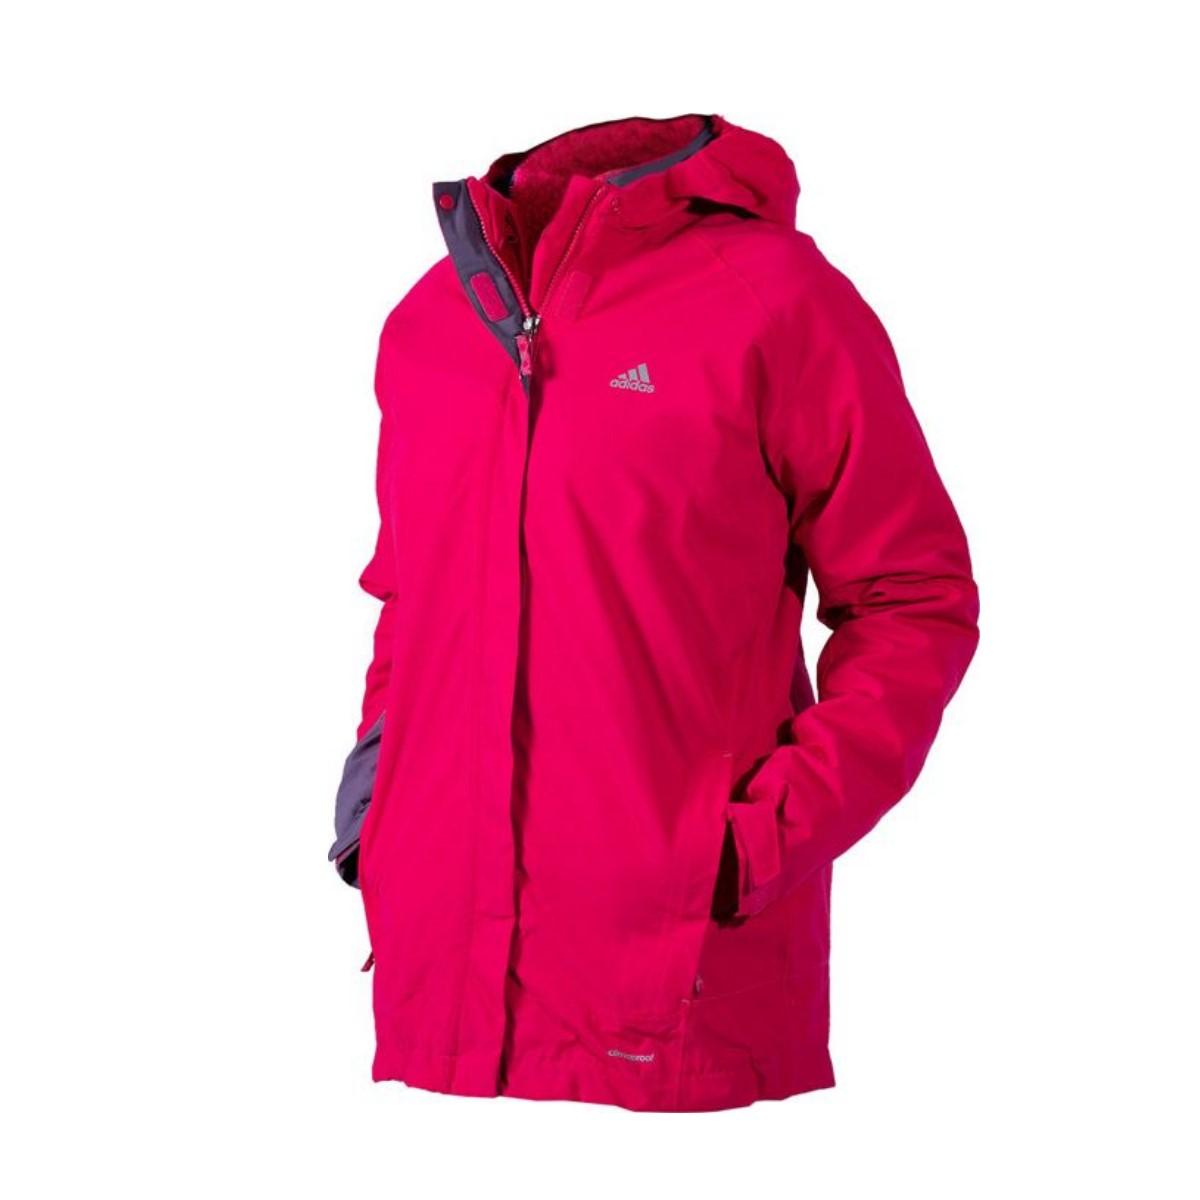 Adidas Kinder Trainingsjacke Mädchen Jacken & Mäntel,Adidas